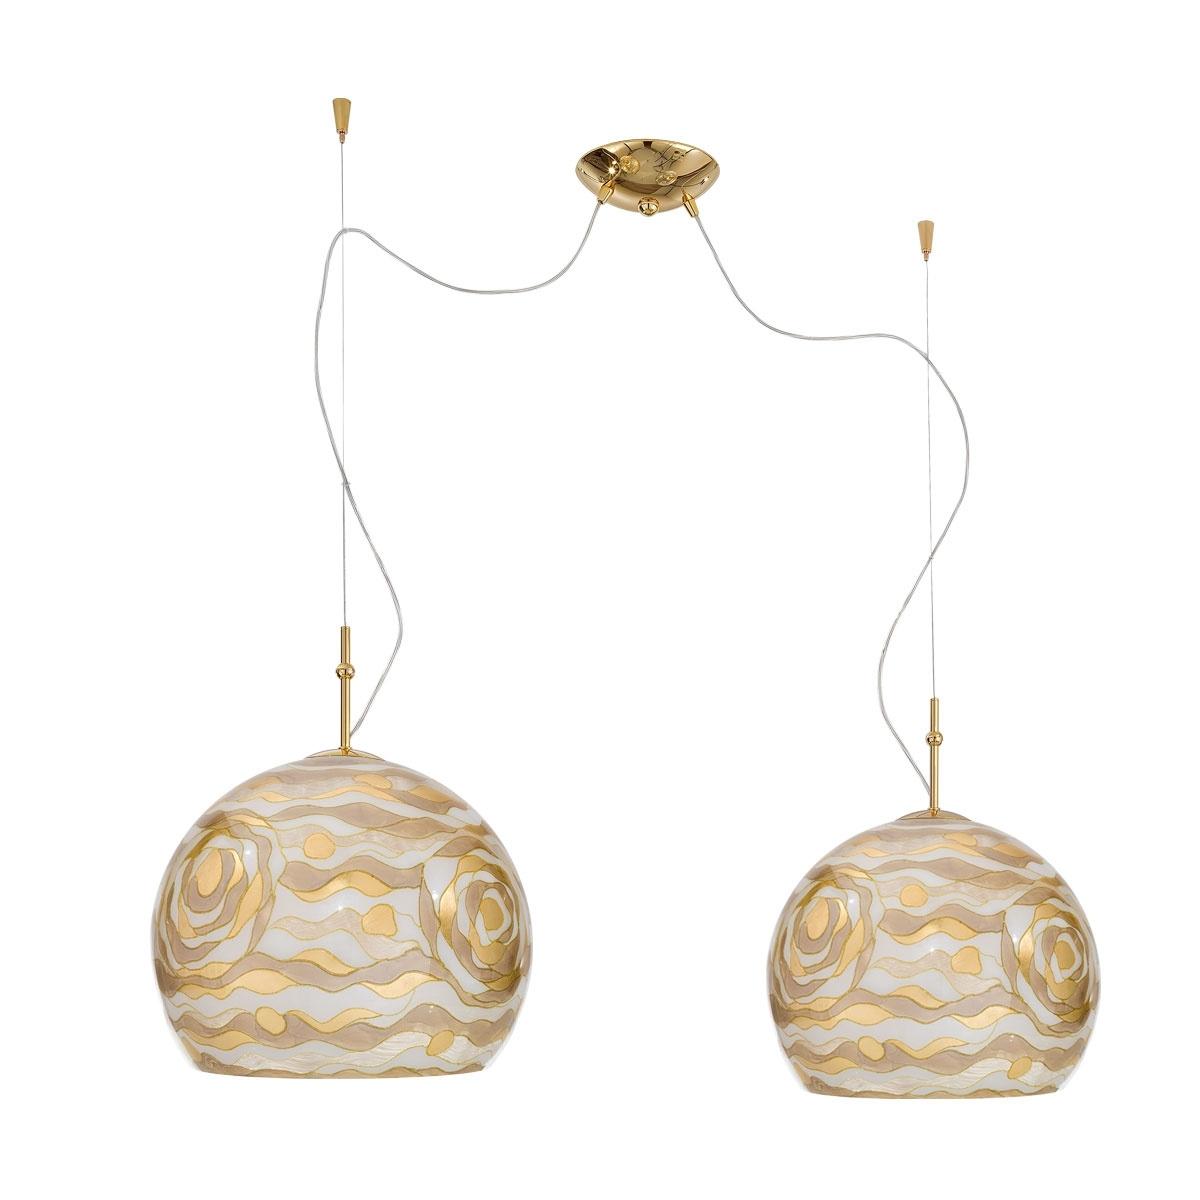 kolarz-pendelleuchte-luna-pl-beige-gold-glas-metall-0392-32-3-aq-ch